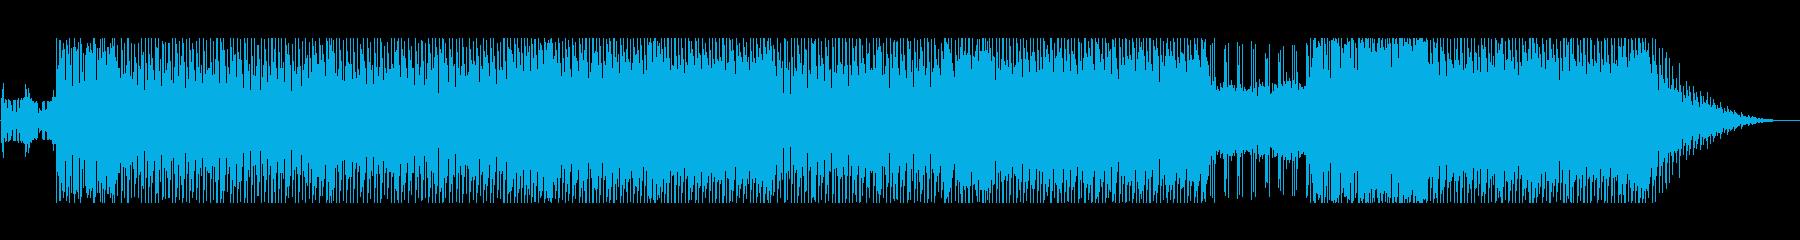 電子ポップ楽器。 1983年頃の非...の再生済みの波形